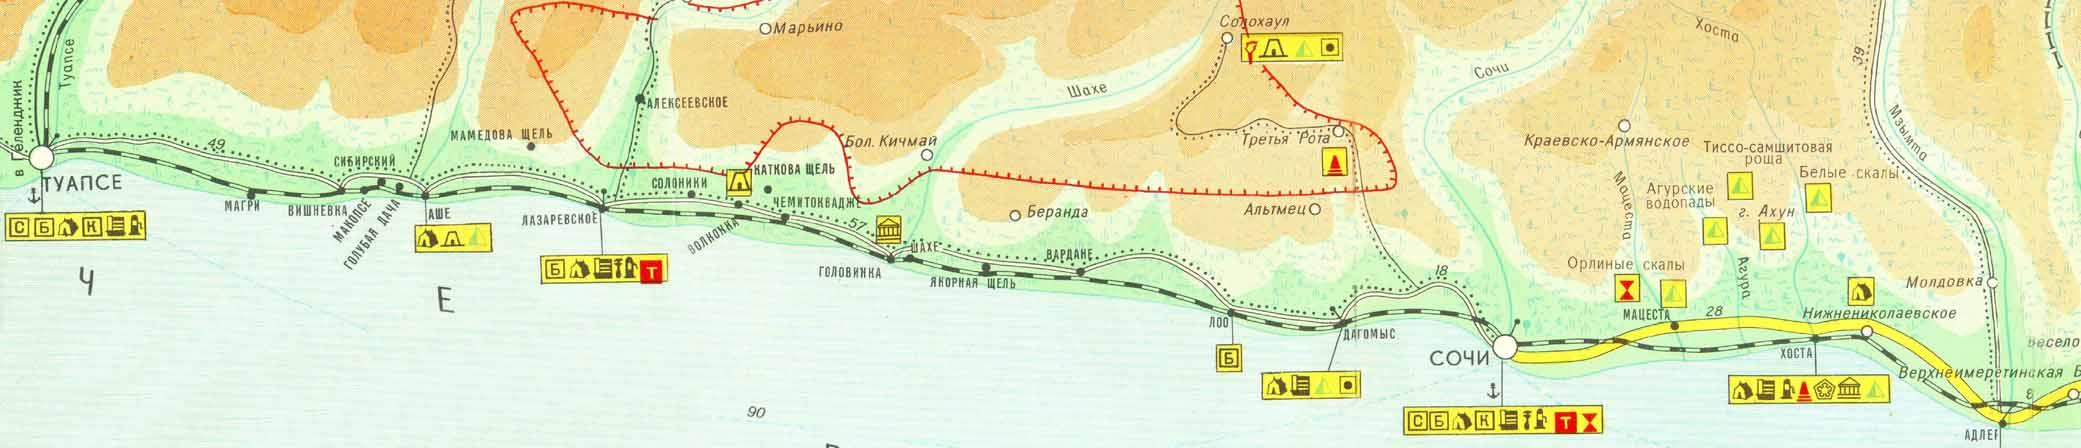 Явление характеризуется как вдольбереговой поток наносов на прибрежной акватории черного моря в междуречье мзымта